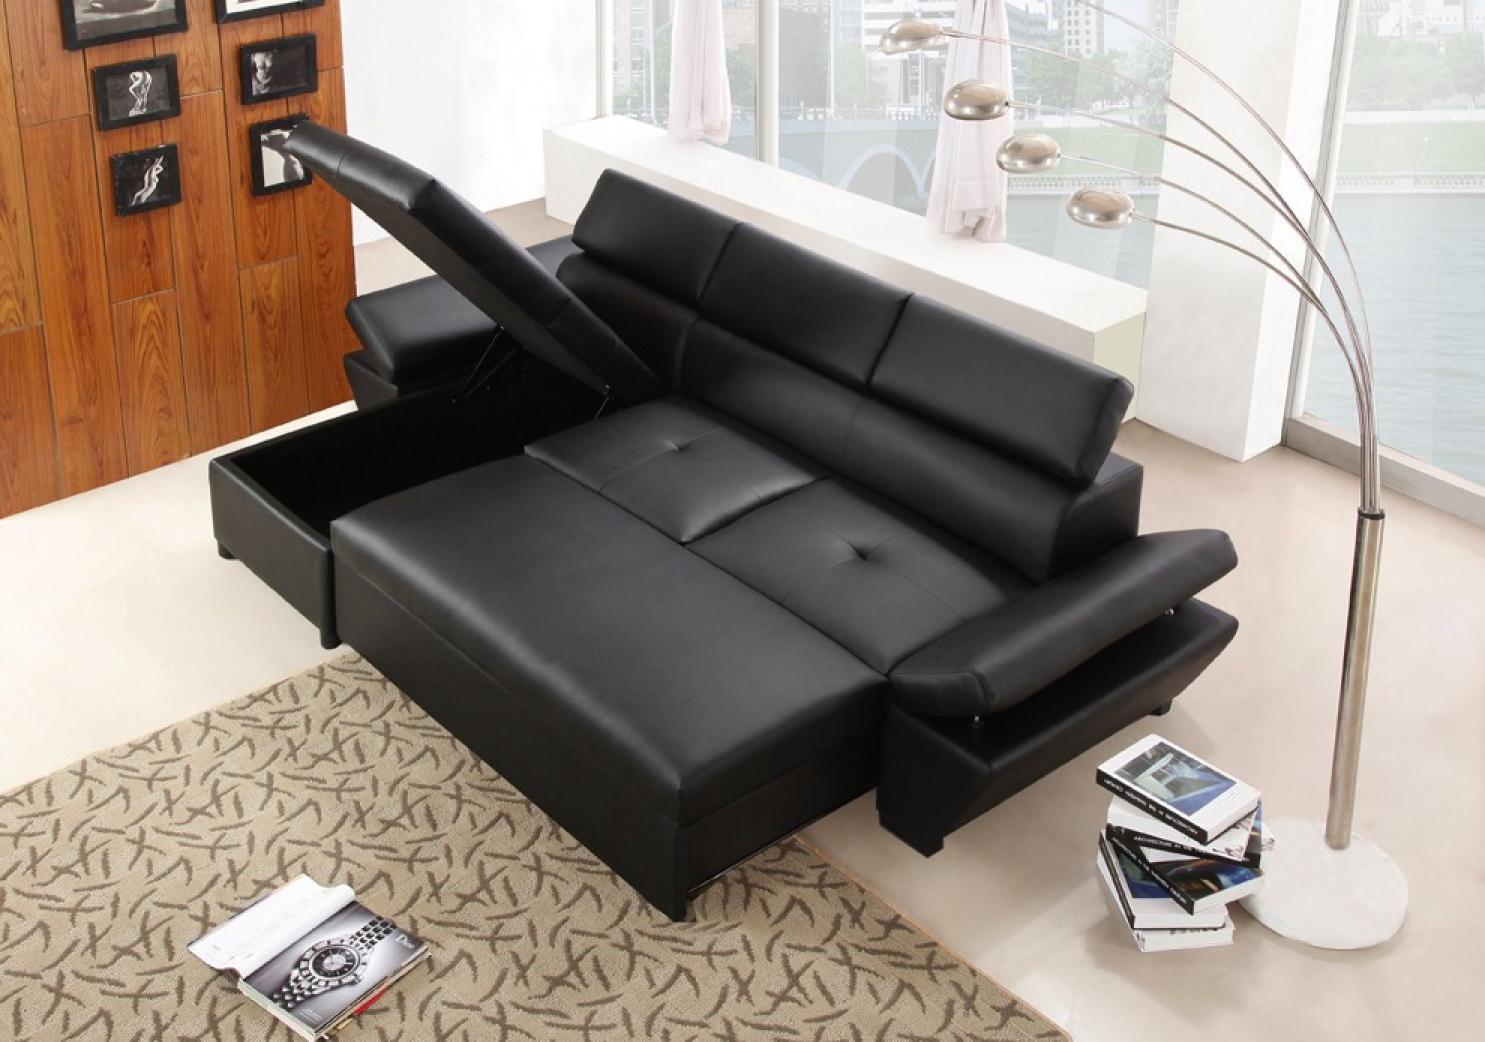 Photos Canapé Dangle Convertible Pas Cher Simili Cuir - Canapé d angle convertible simili cuir pas cher